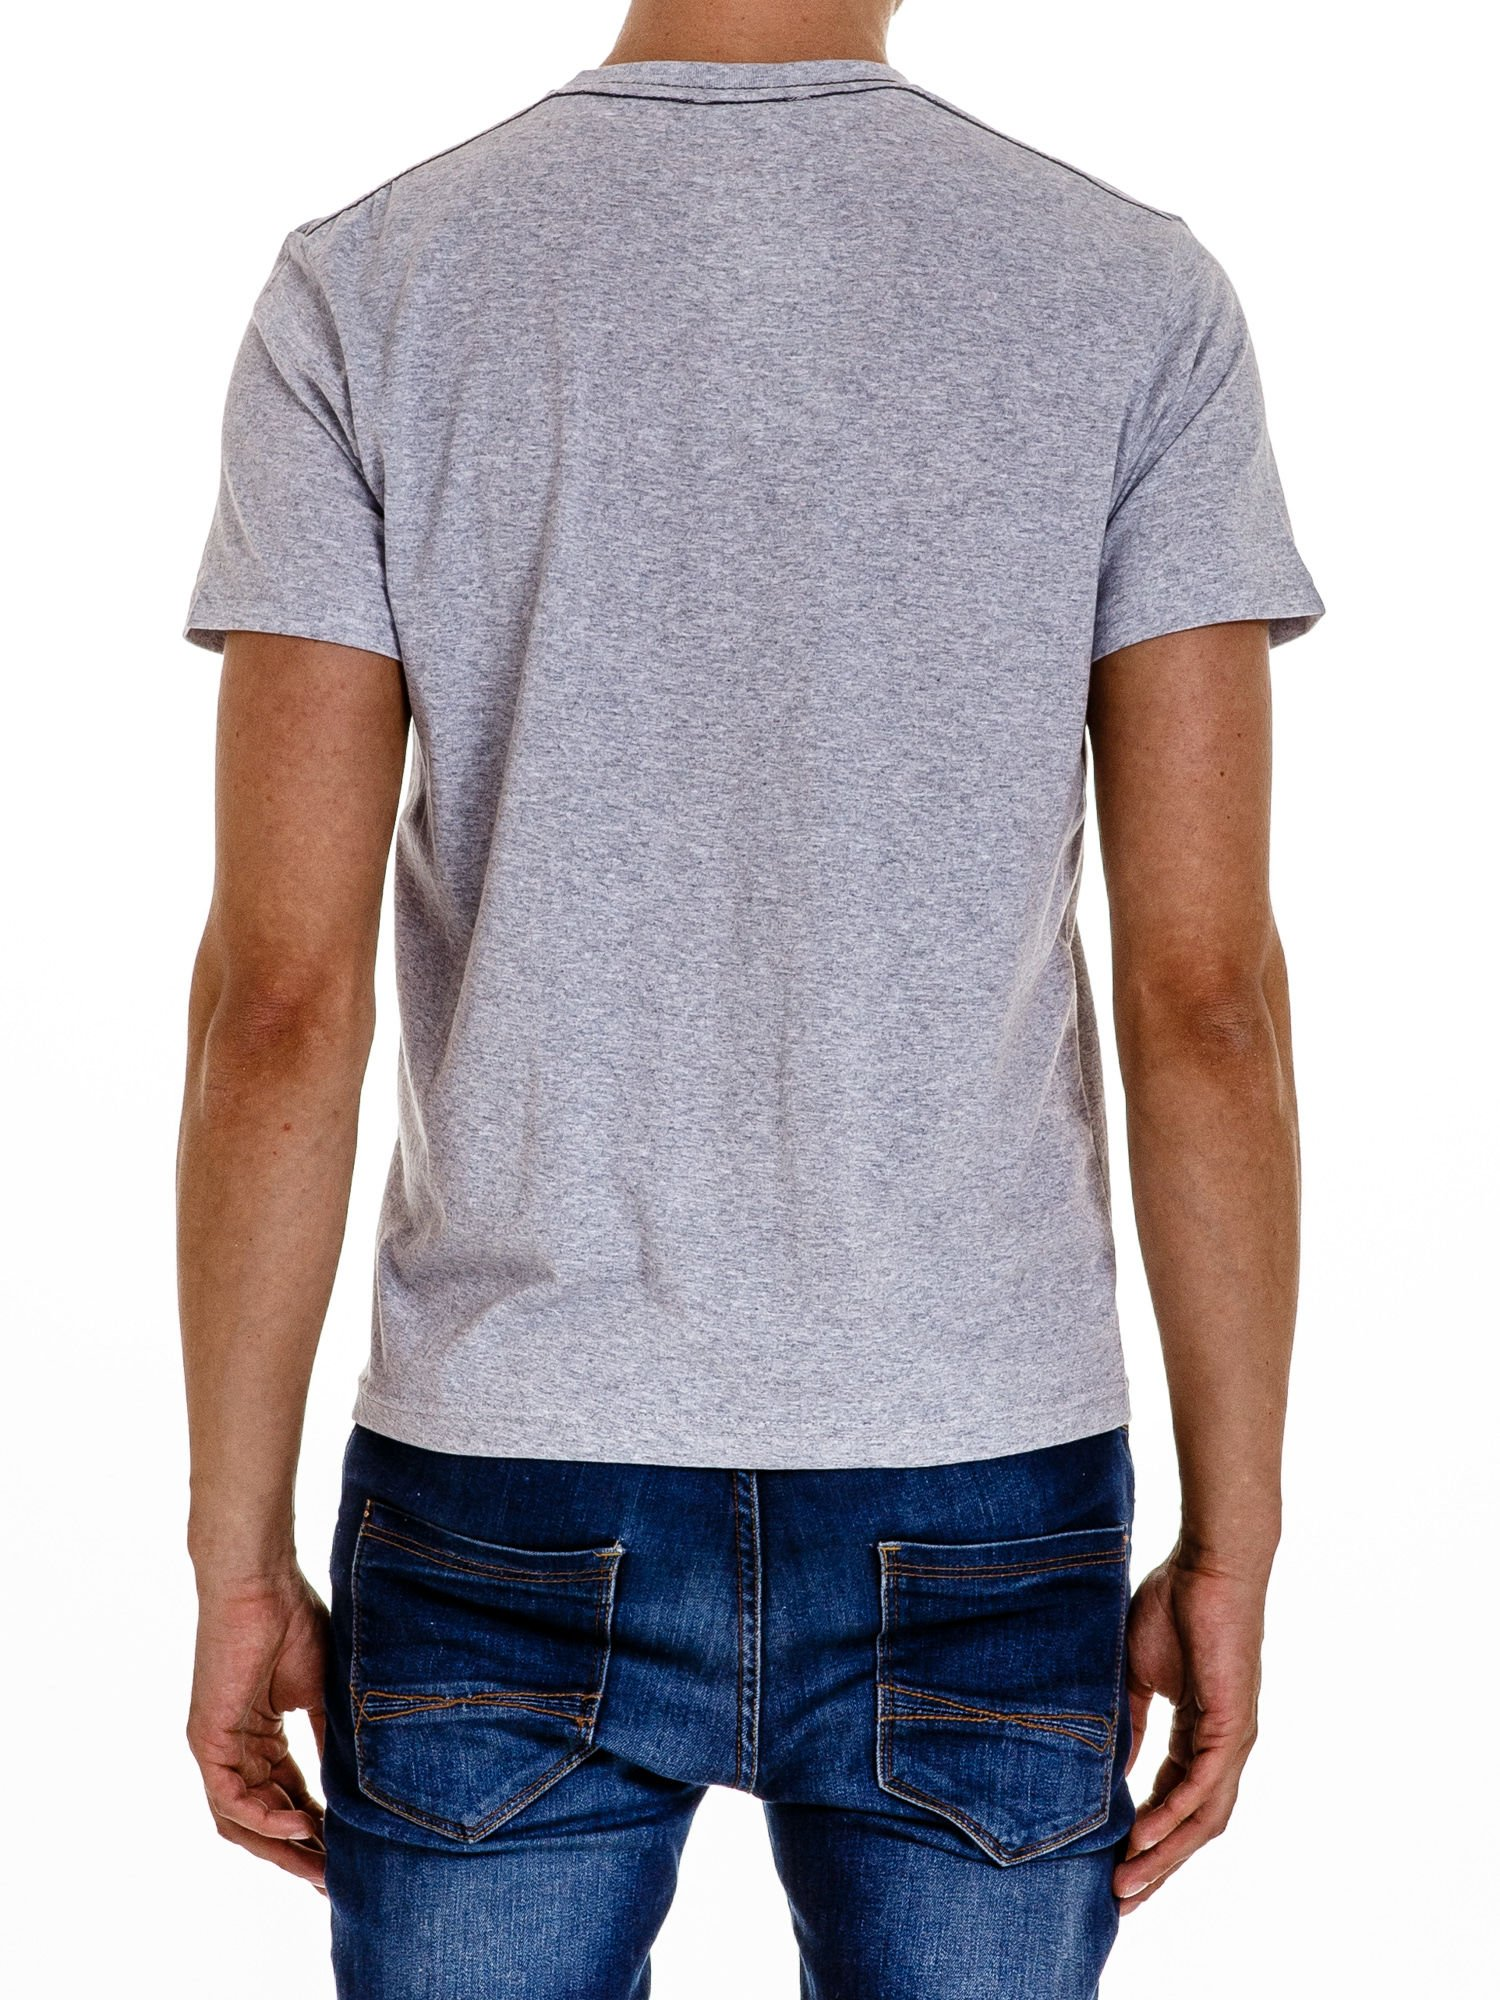 Szary t-shirt męski z nadrukiem napisu THE ROCKIES                                  zdj.                                  3